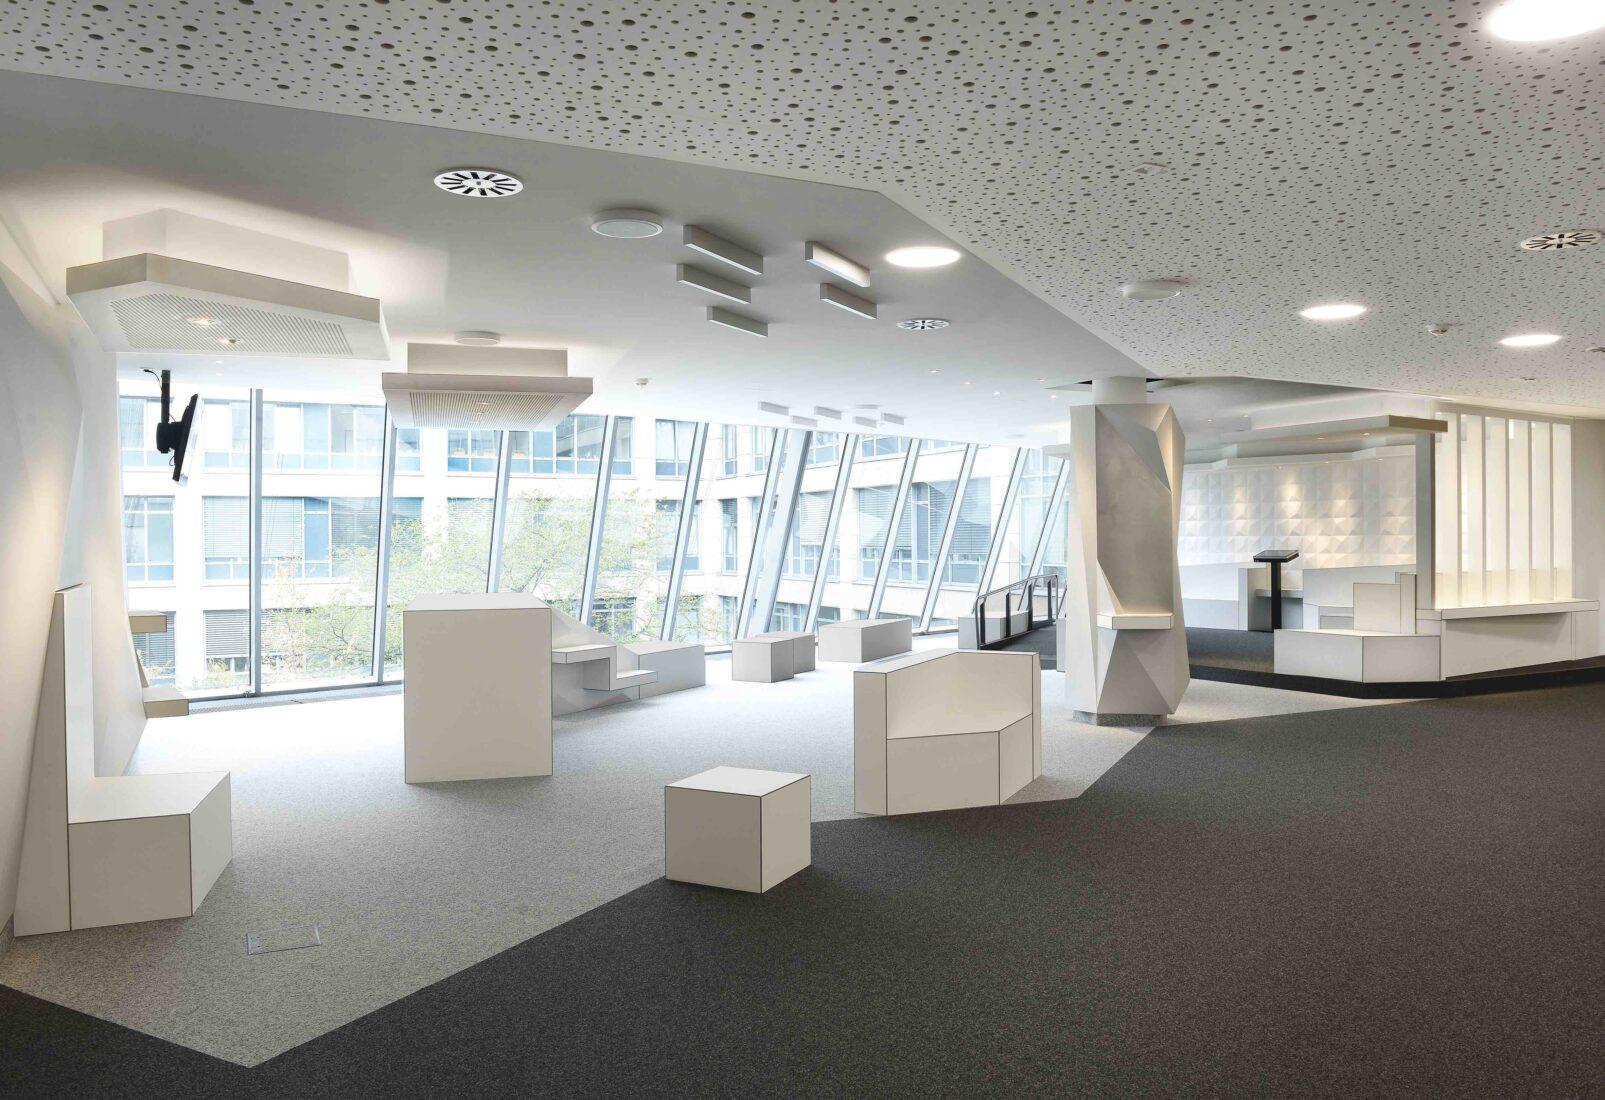 Unterhalb der glatten Decke montierte Akustiksegel absorbieren den Schall. Alle Fotos: Knauf/Gert Becker